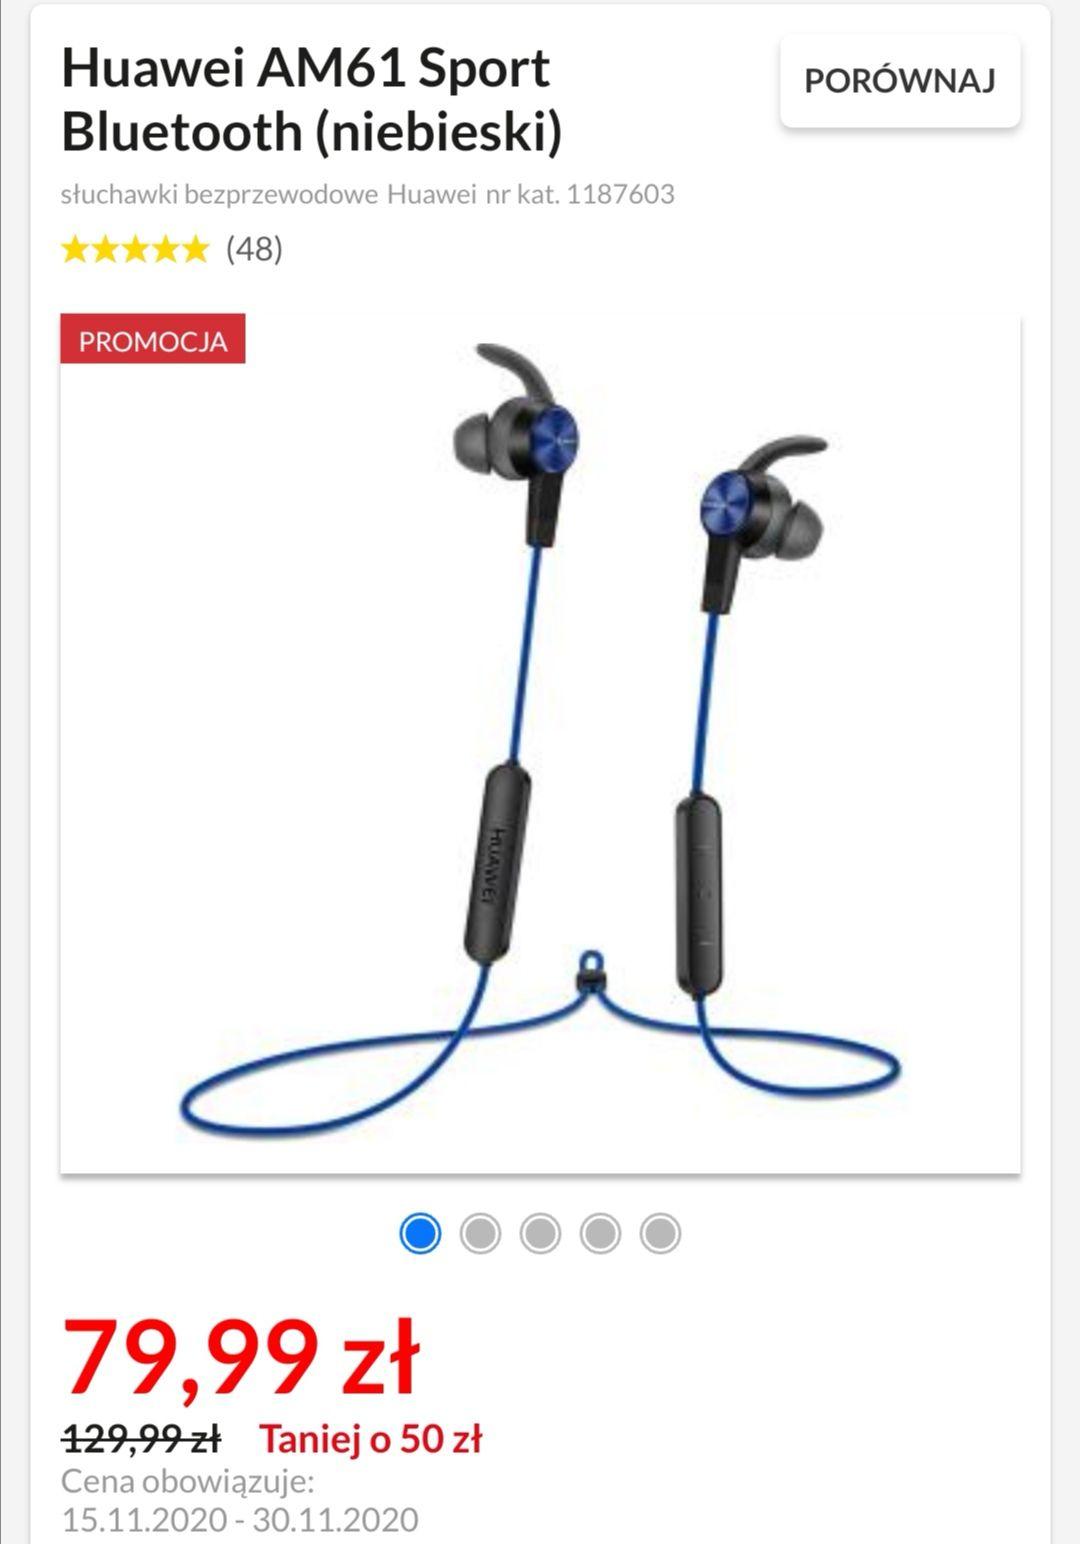 Słuchawki bluetooth HUAWEI AM61 Sport - różne kolory - odbiór osobisty 0 zł